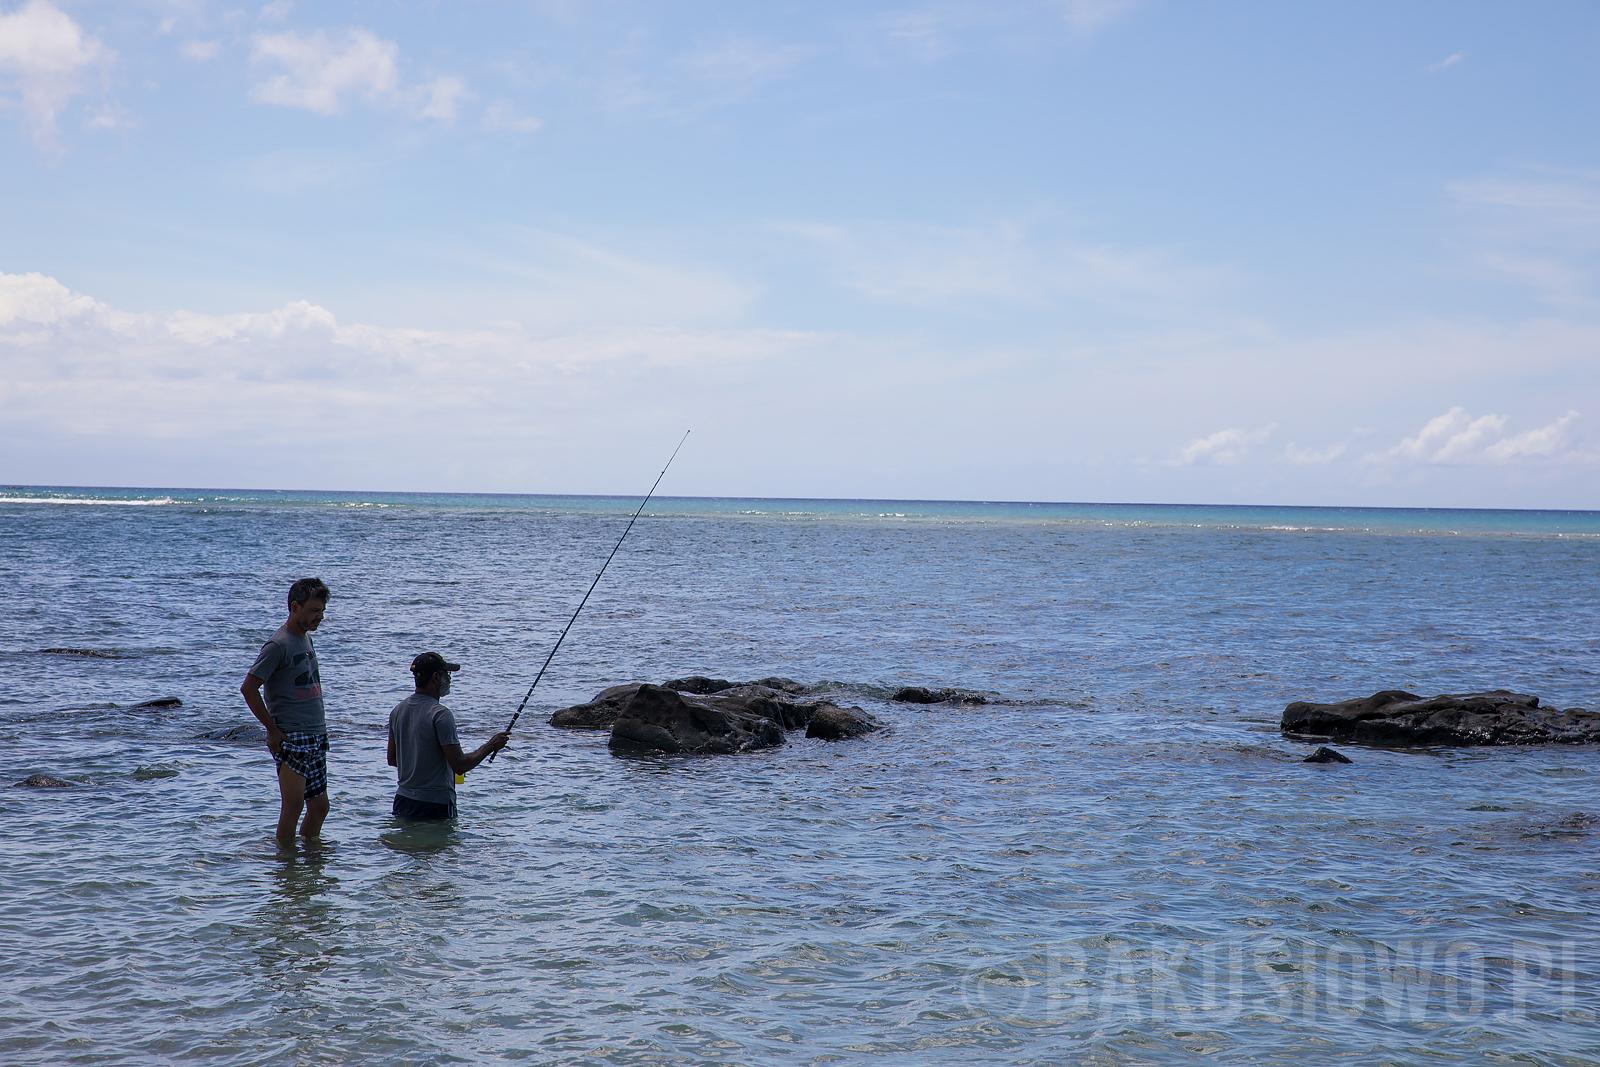 mauritius-le-meridien-photos-63